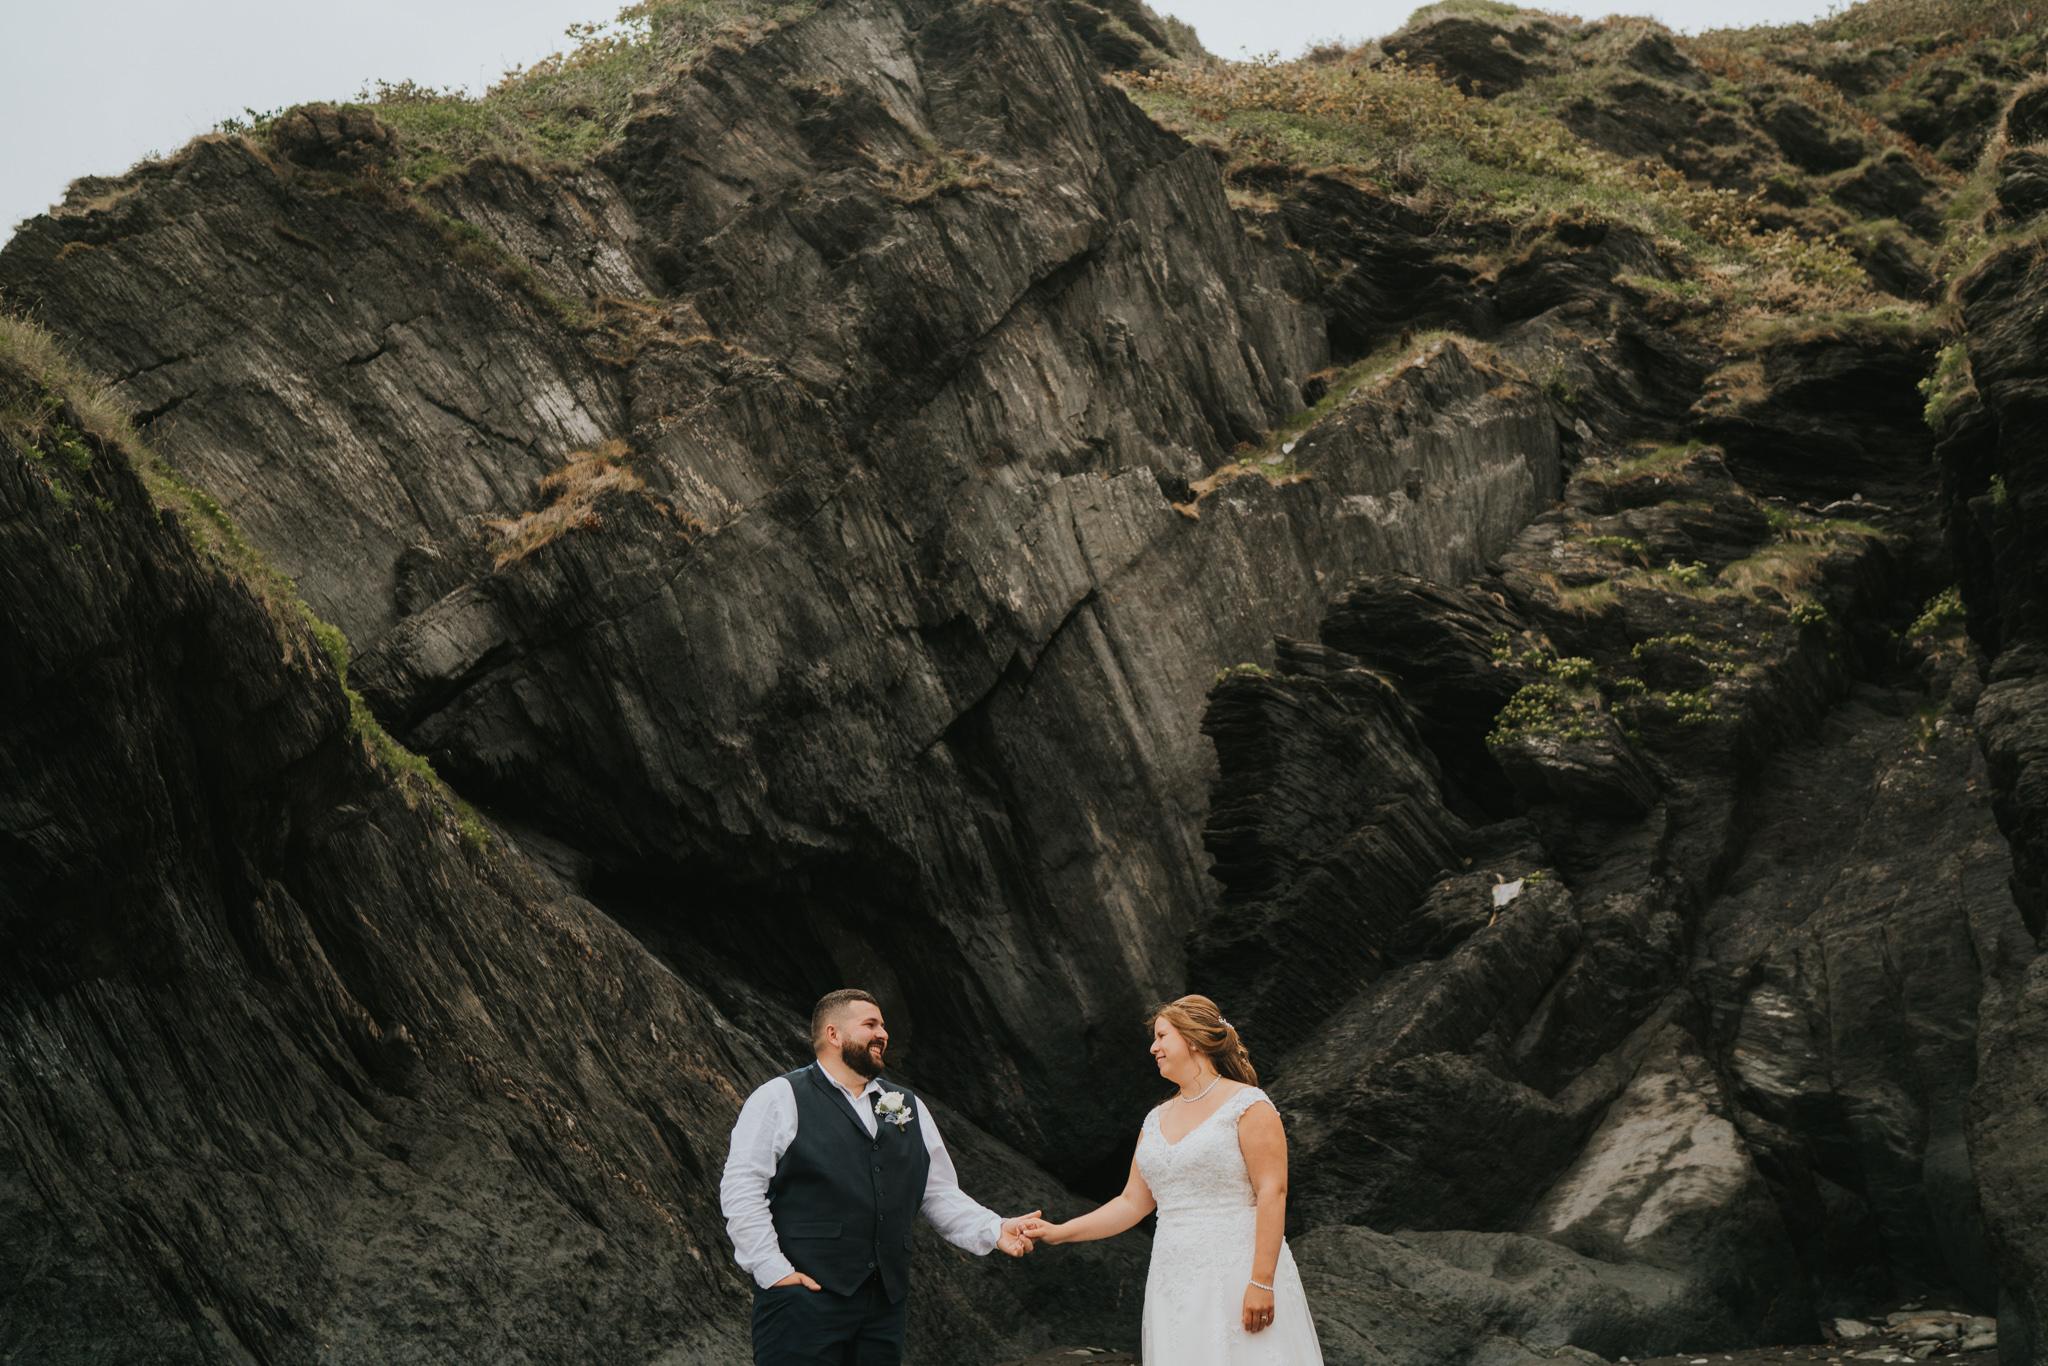 grace-elizabeth-essex-wedding-photographer-best-2018-highlights-norfolk-essex-devon-suffolk (66 of 100).jpg